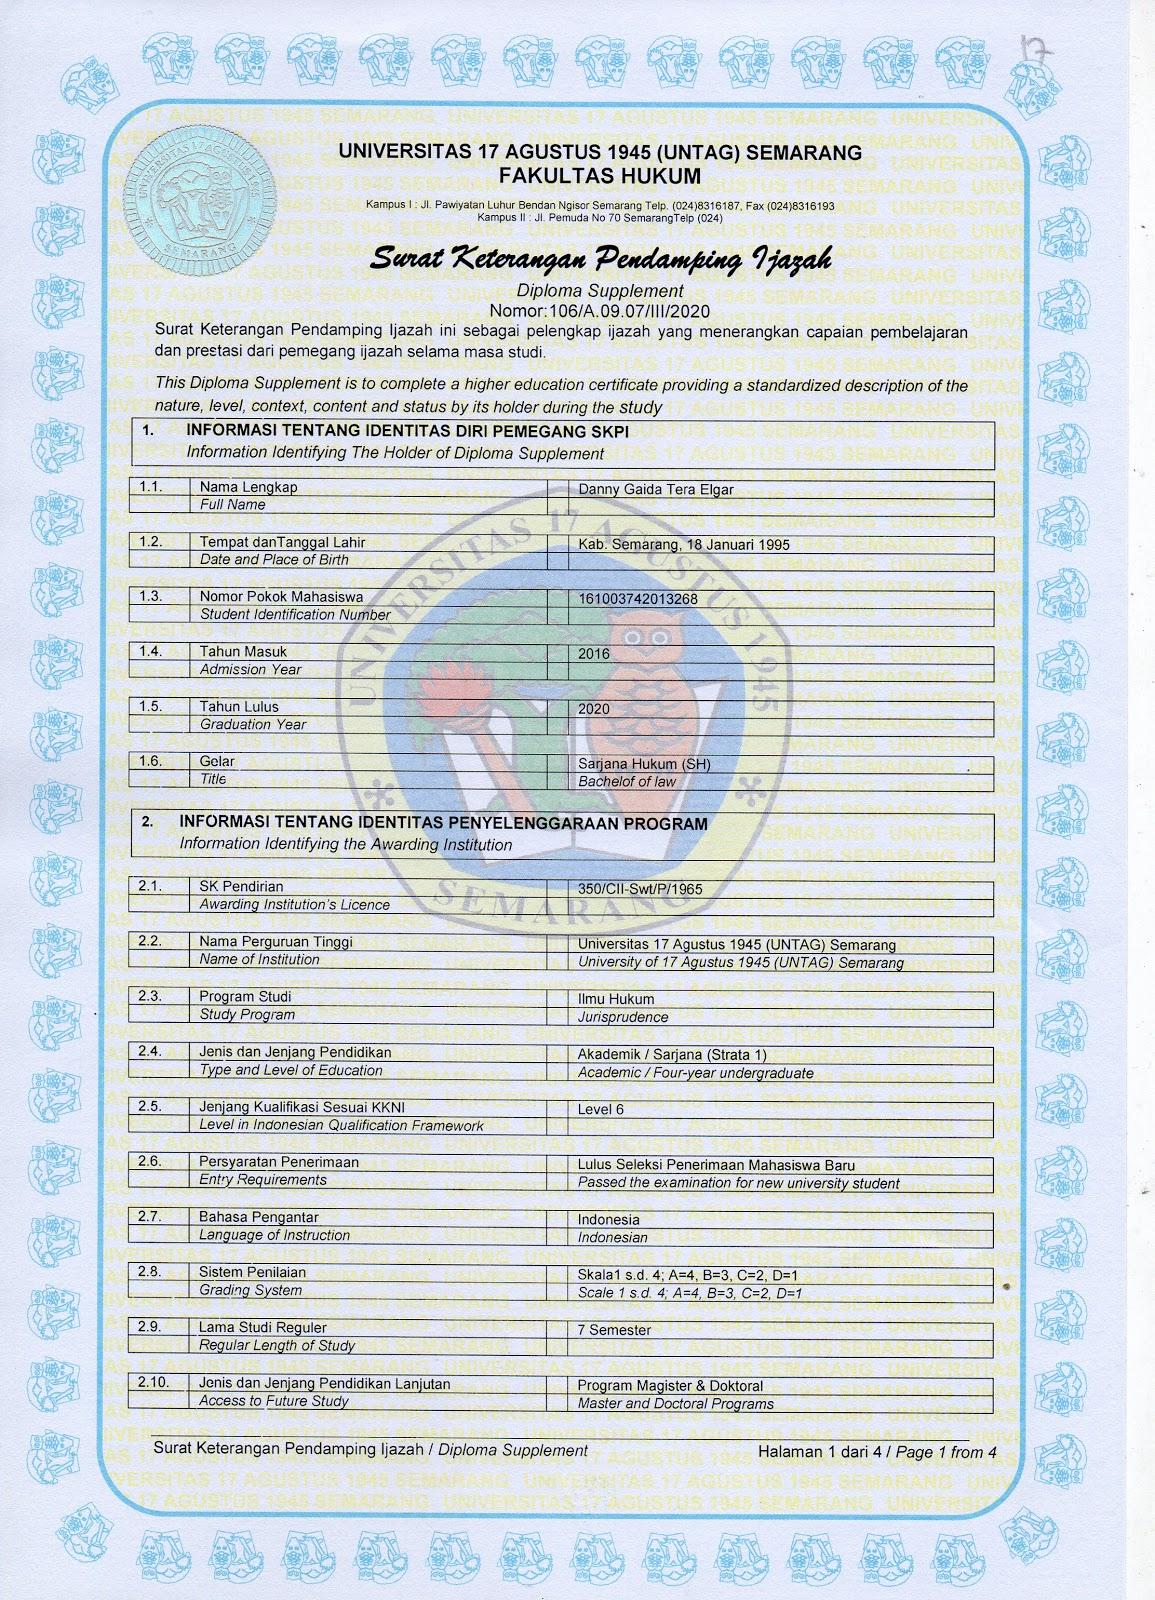 Surat Keterangan Pendamping Ijazah (SKPI) Fakultas Hukum Universitas 17 Agustus 1945 (UNTAG) Semarang